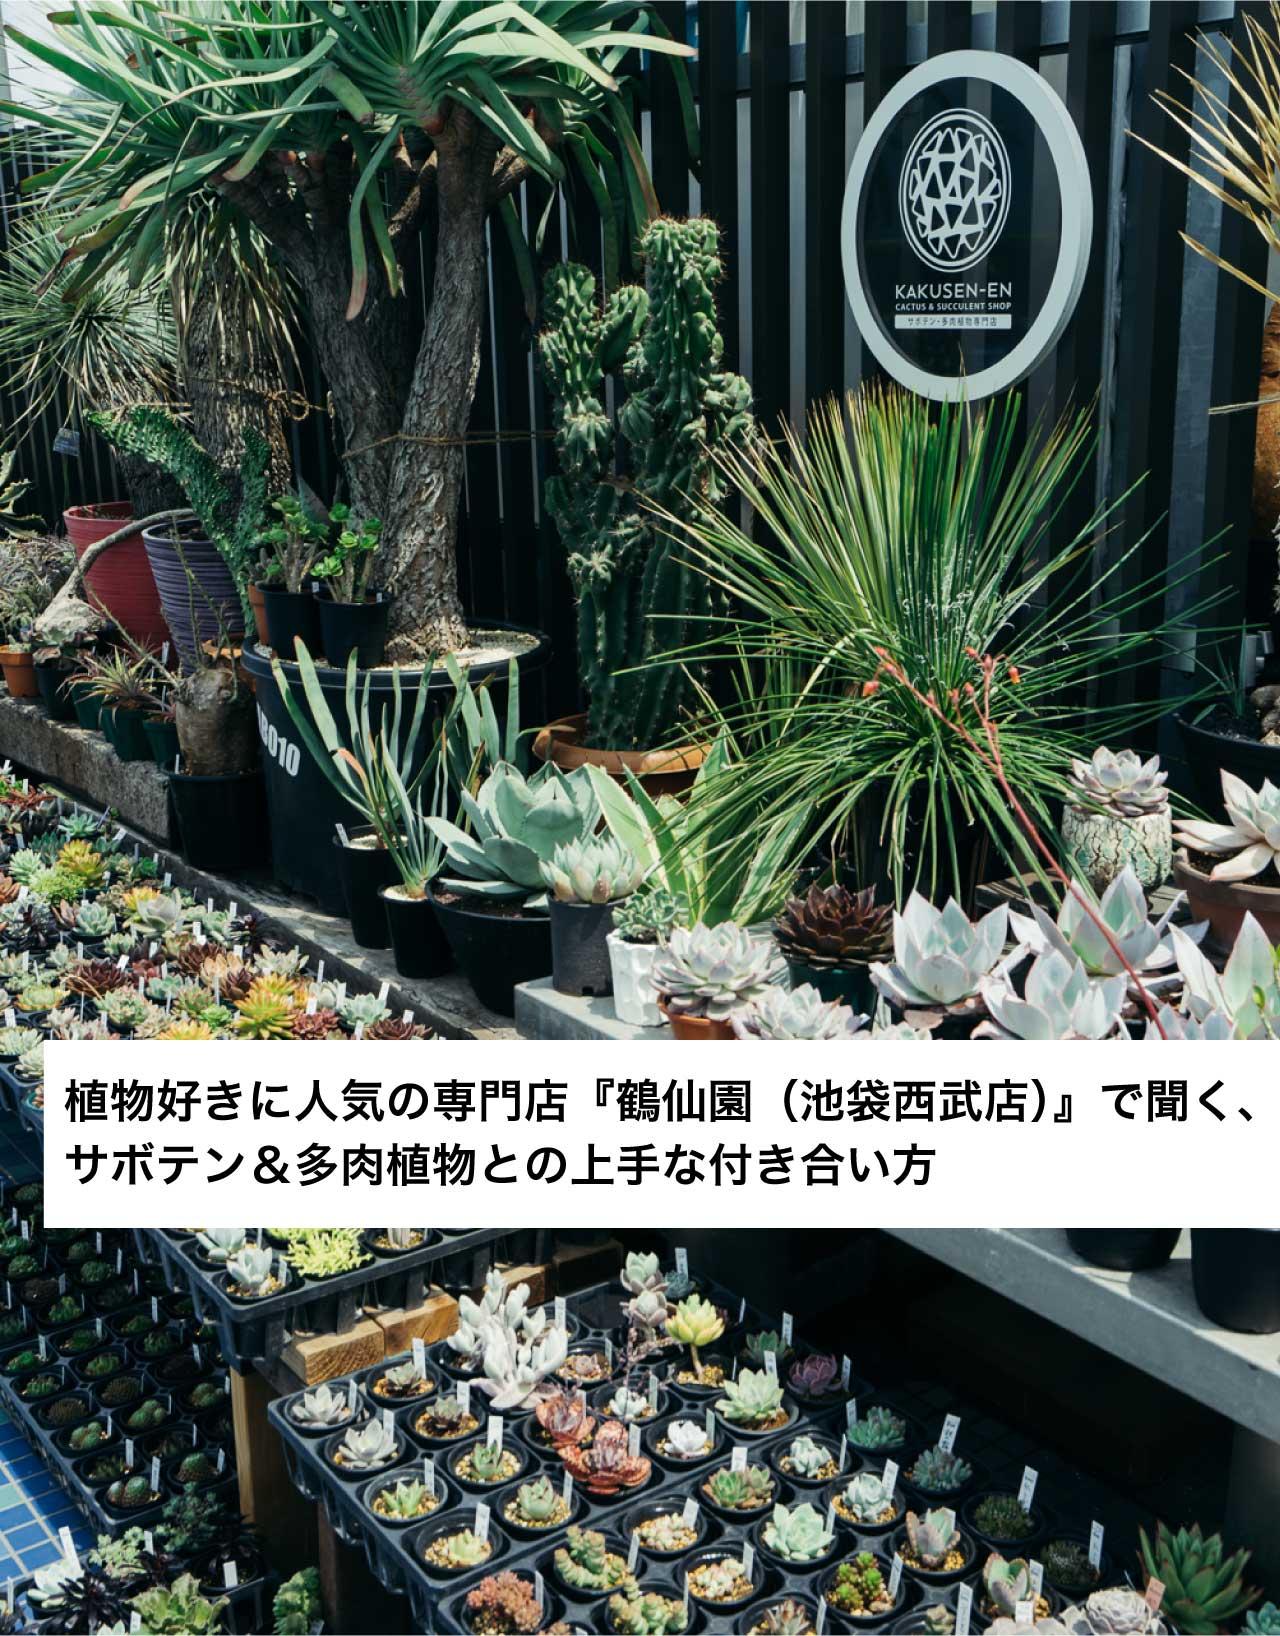 植物好きに人気の専門店『鶴仙園(池袋西武店)』で聞く、 サボテン&多肉植物との上手な付き合い方